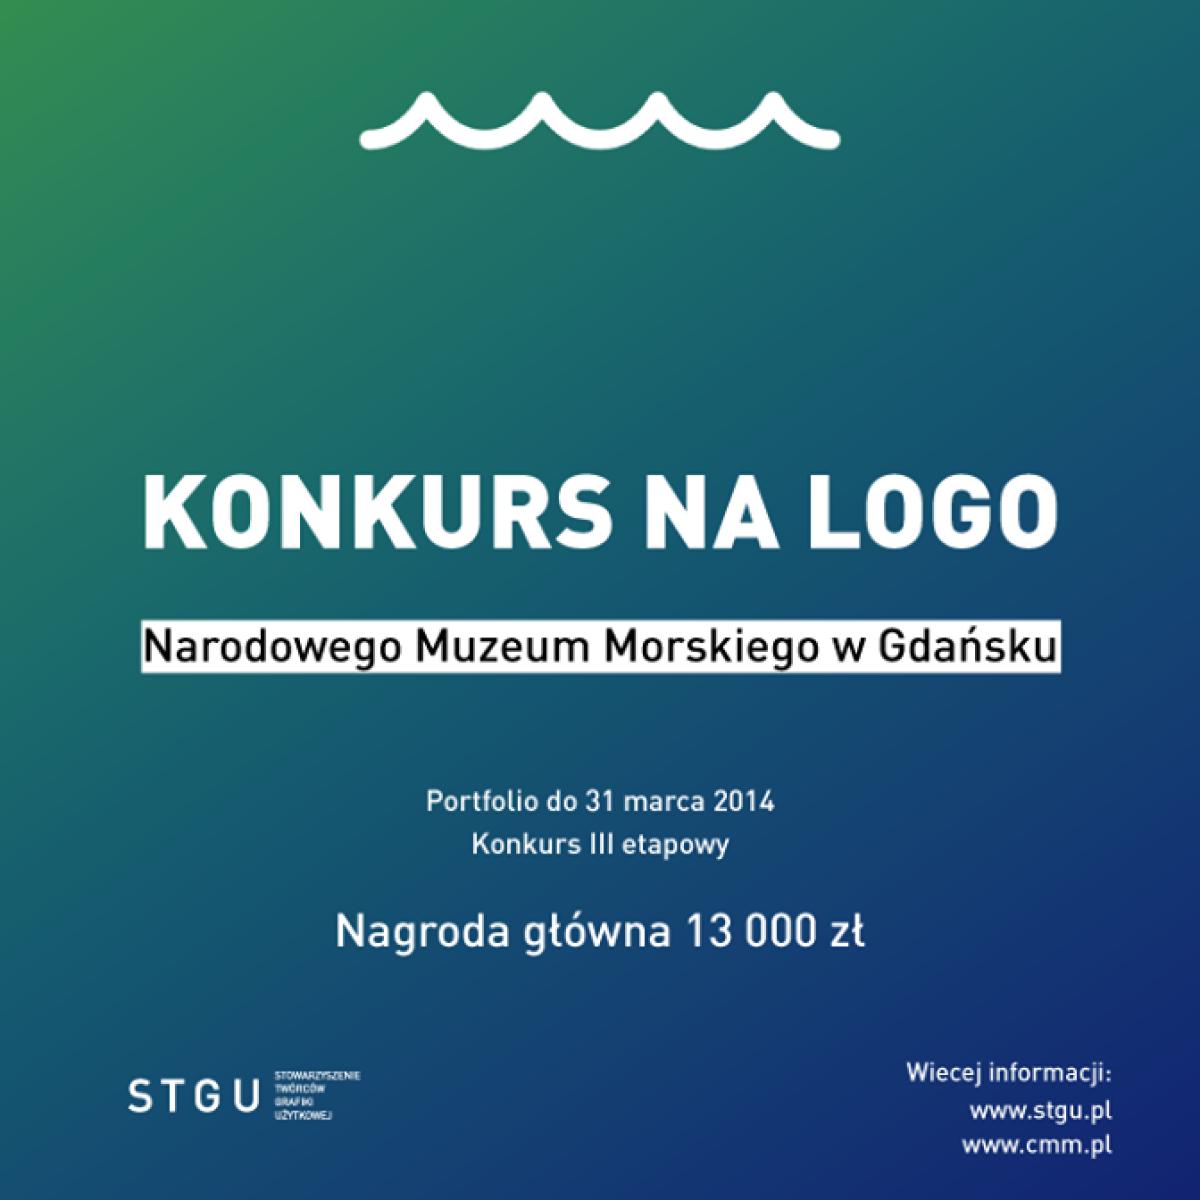 Poszukiwana identyfikacja dla Narodowego Muzeum Morskiego w Gdańsku!